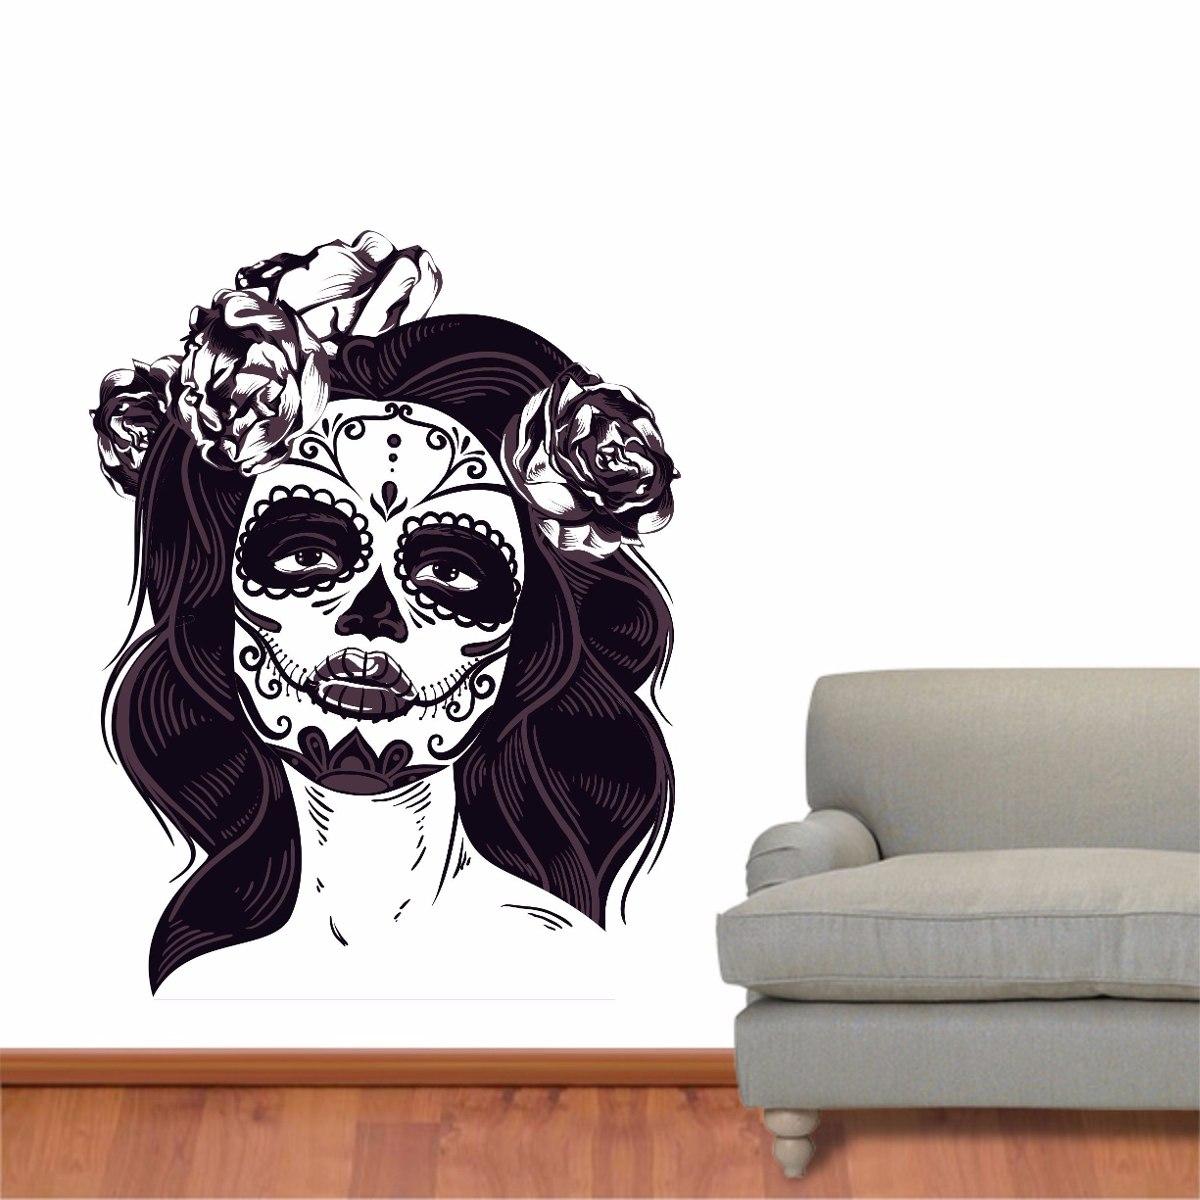 Adesivo Parede Mulher Caveira Mexicana Tatuagem Flor Zumbi R$ 59,99 em Mercado Livre